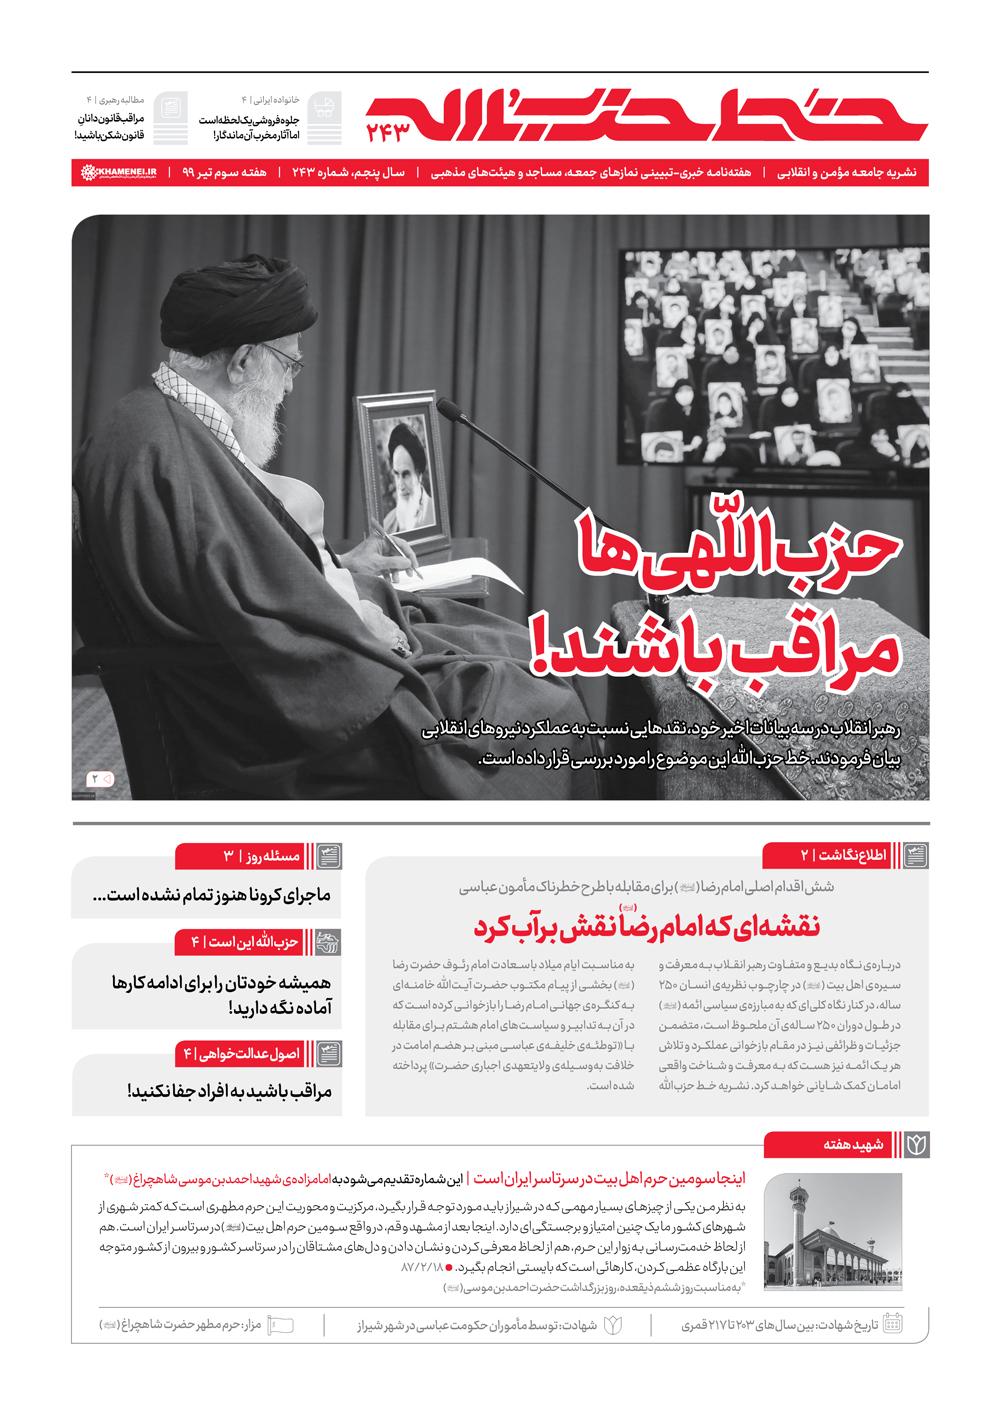 هشدار نشریه دفتر رهبری به «حزباللهیها» [+عکس]